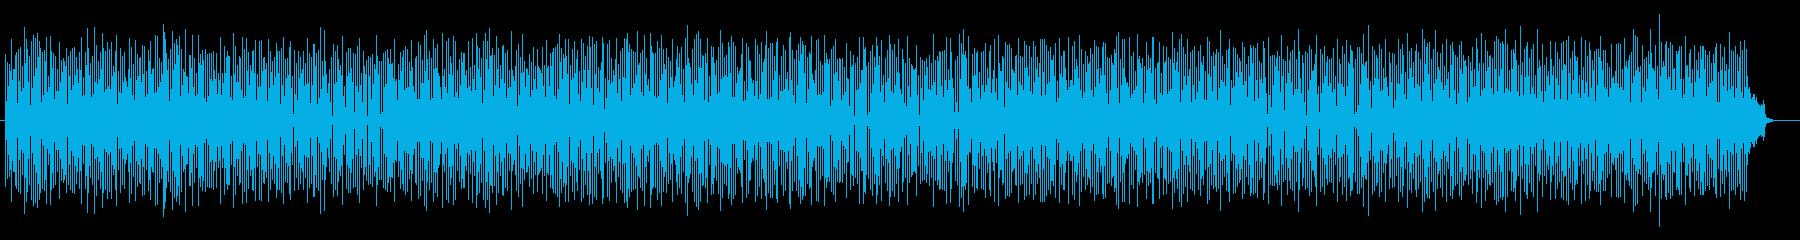 ドキドキ感と宇宙感のシンセサウンドの再生済みの波形